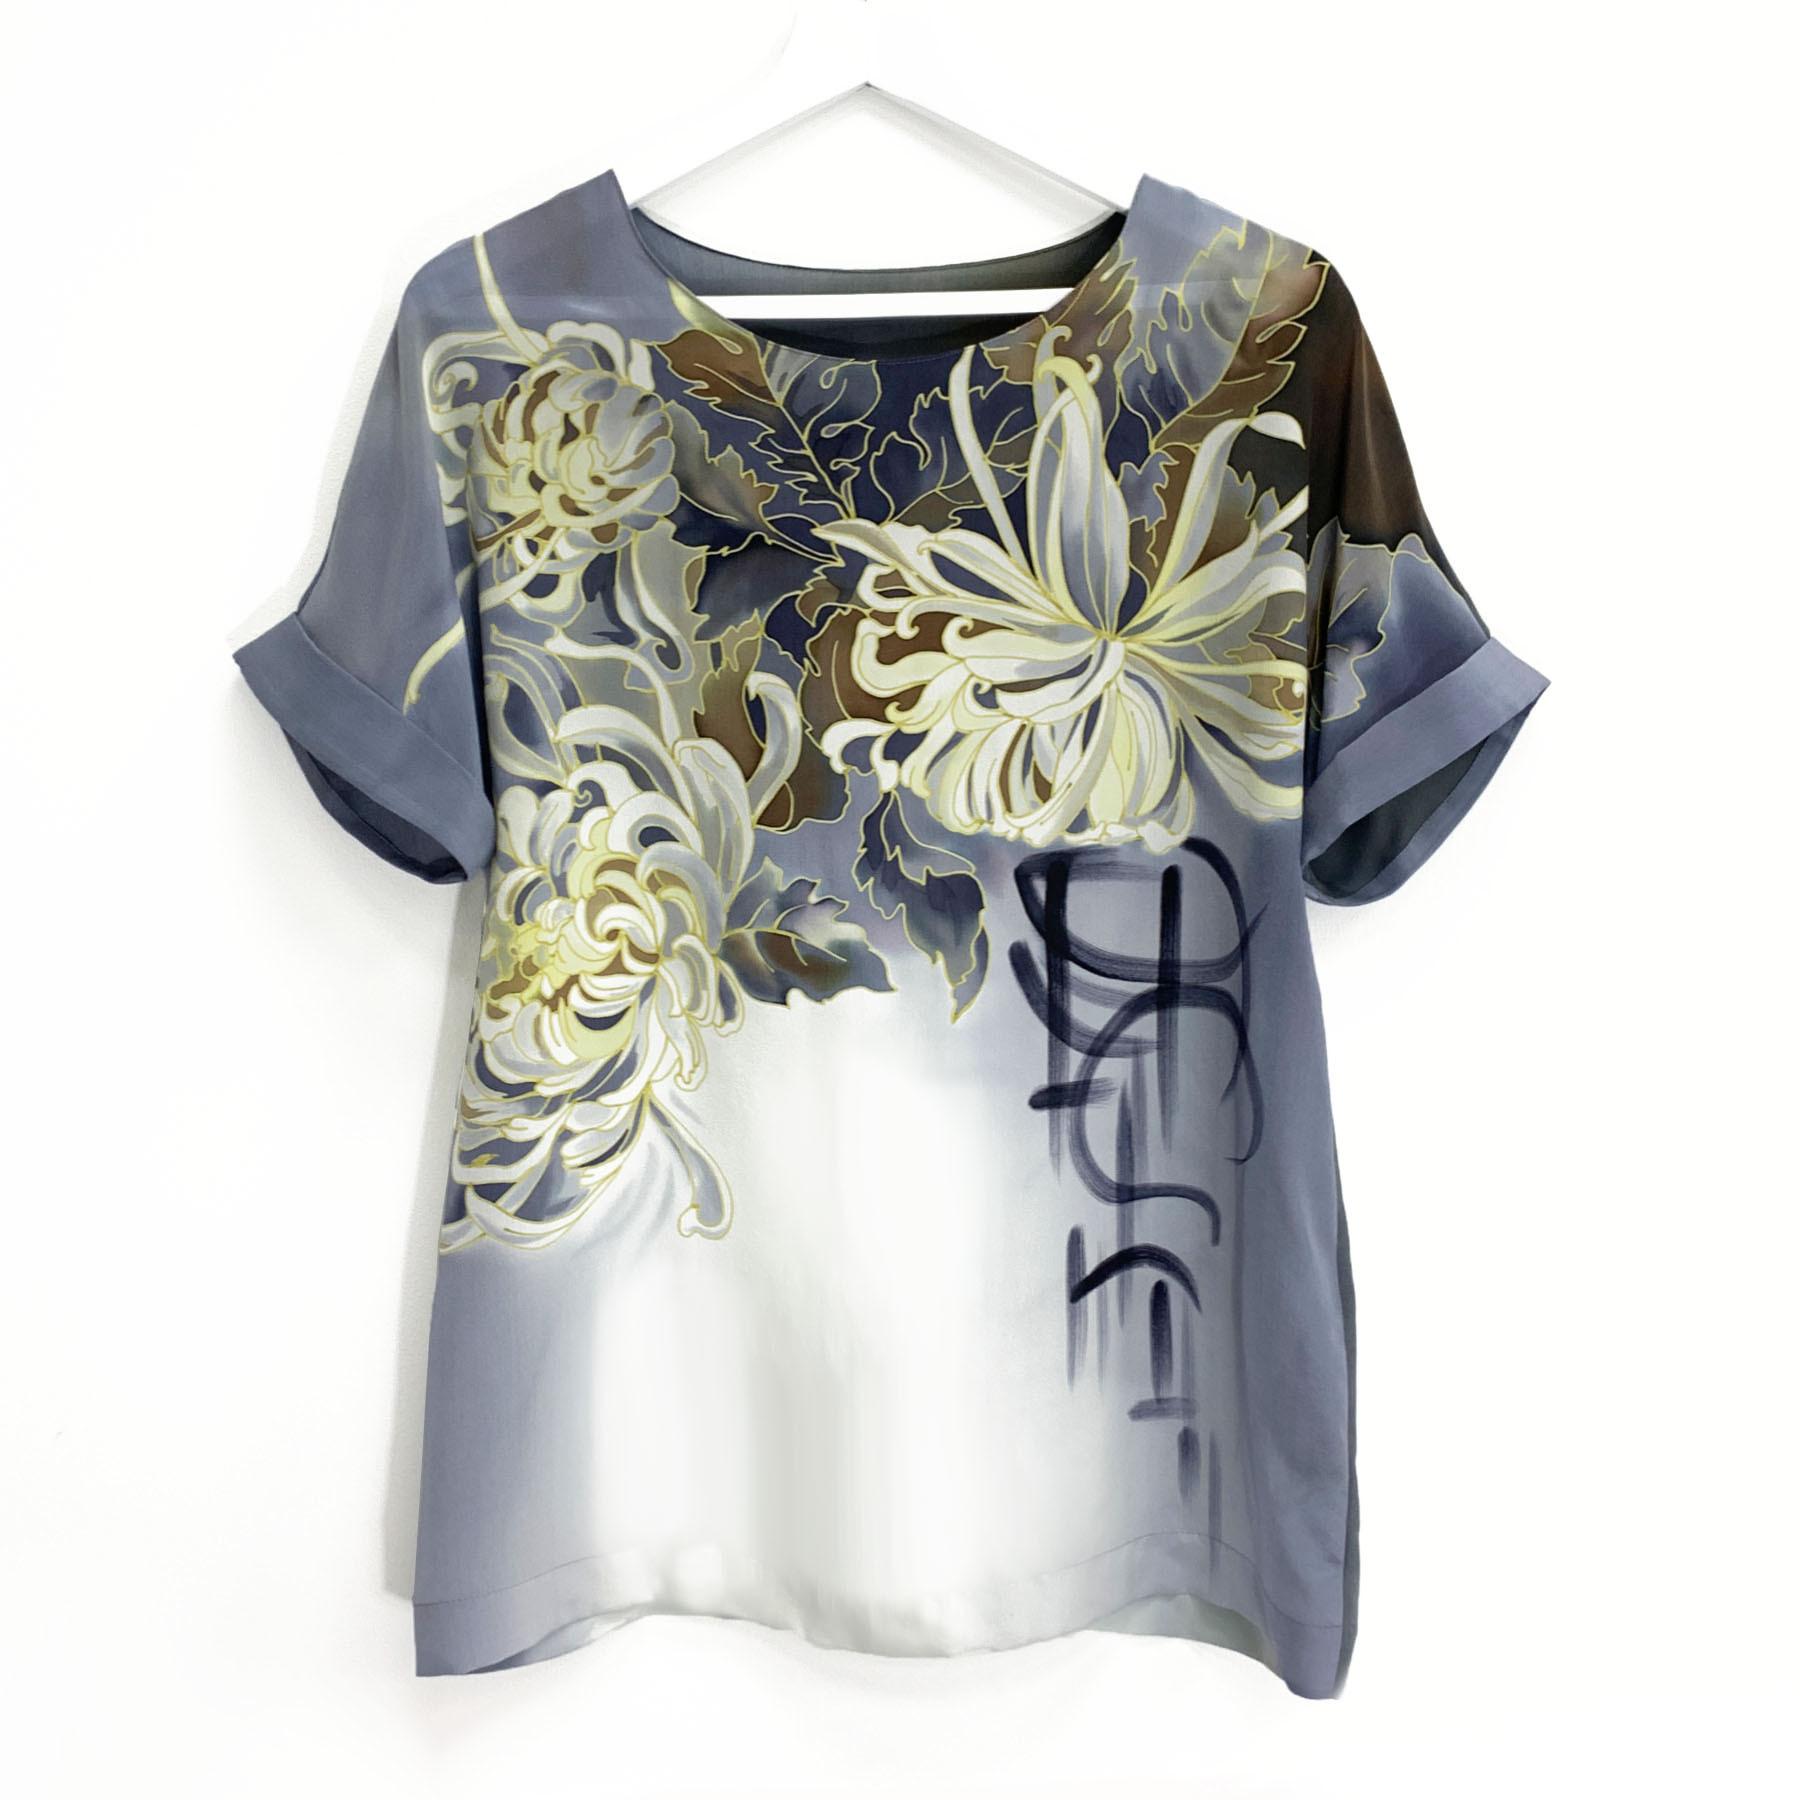 Шелковая блузка батик Хризантема